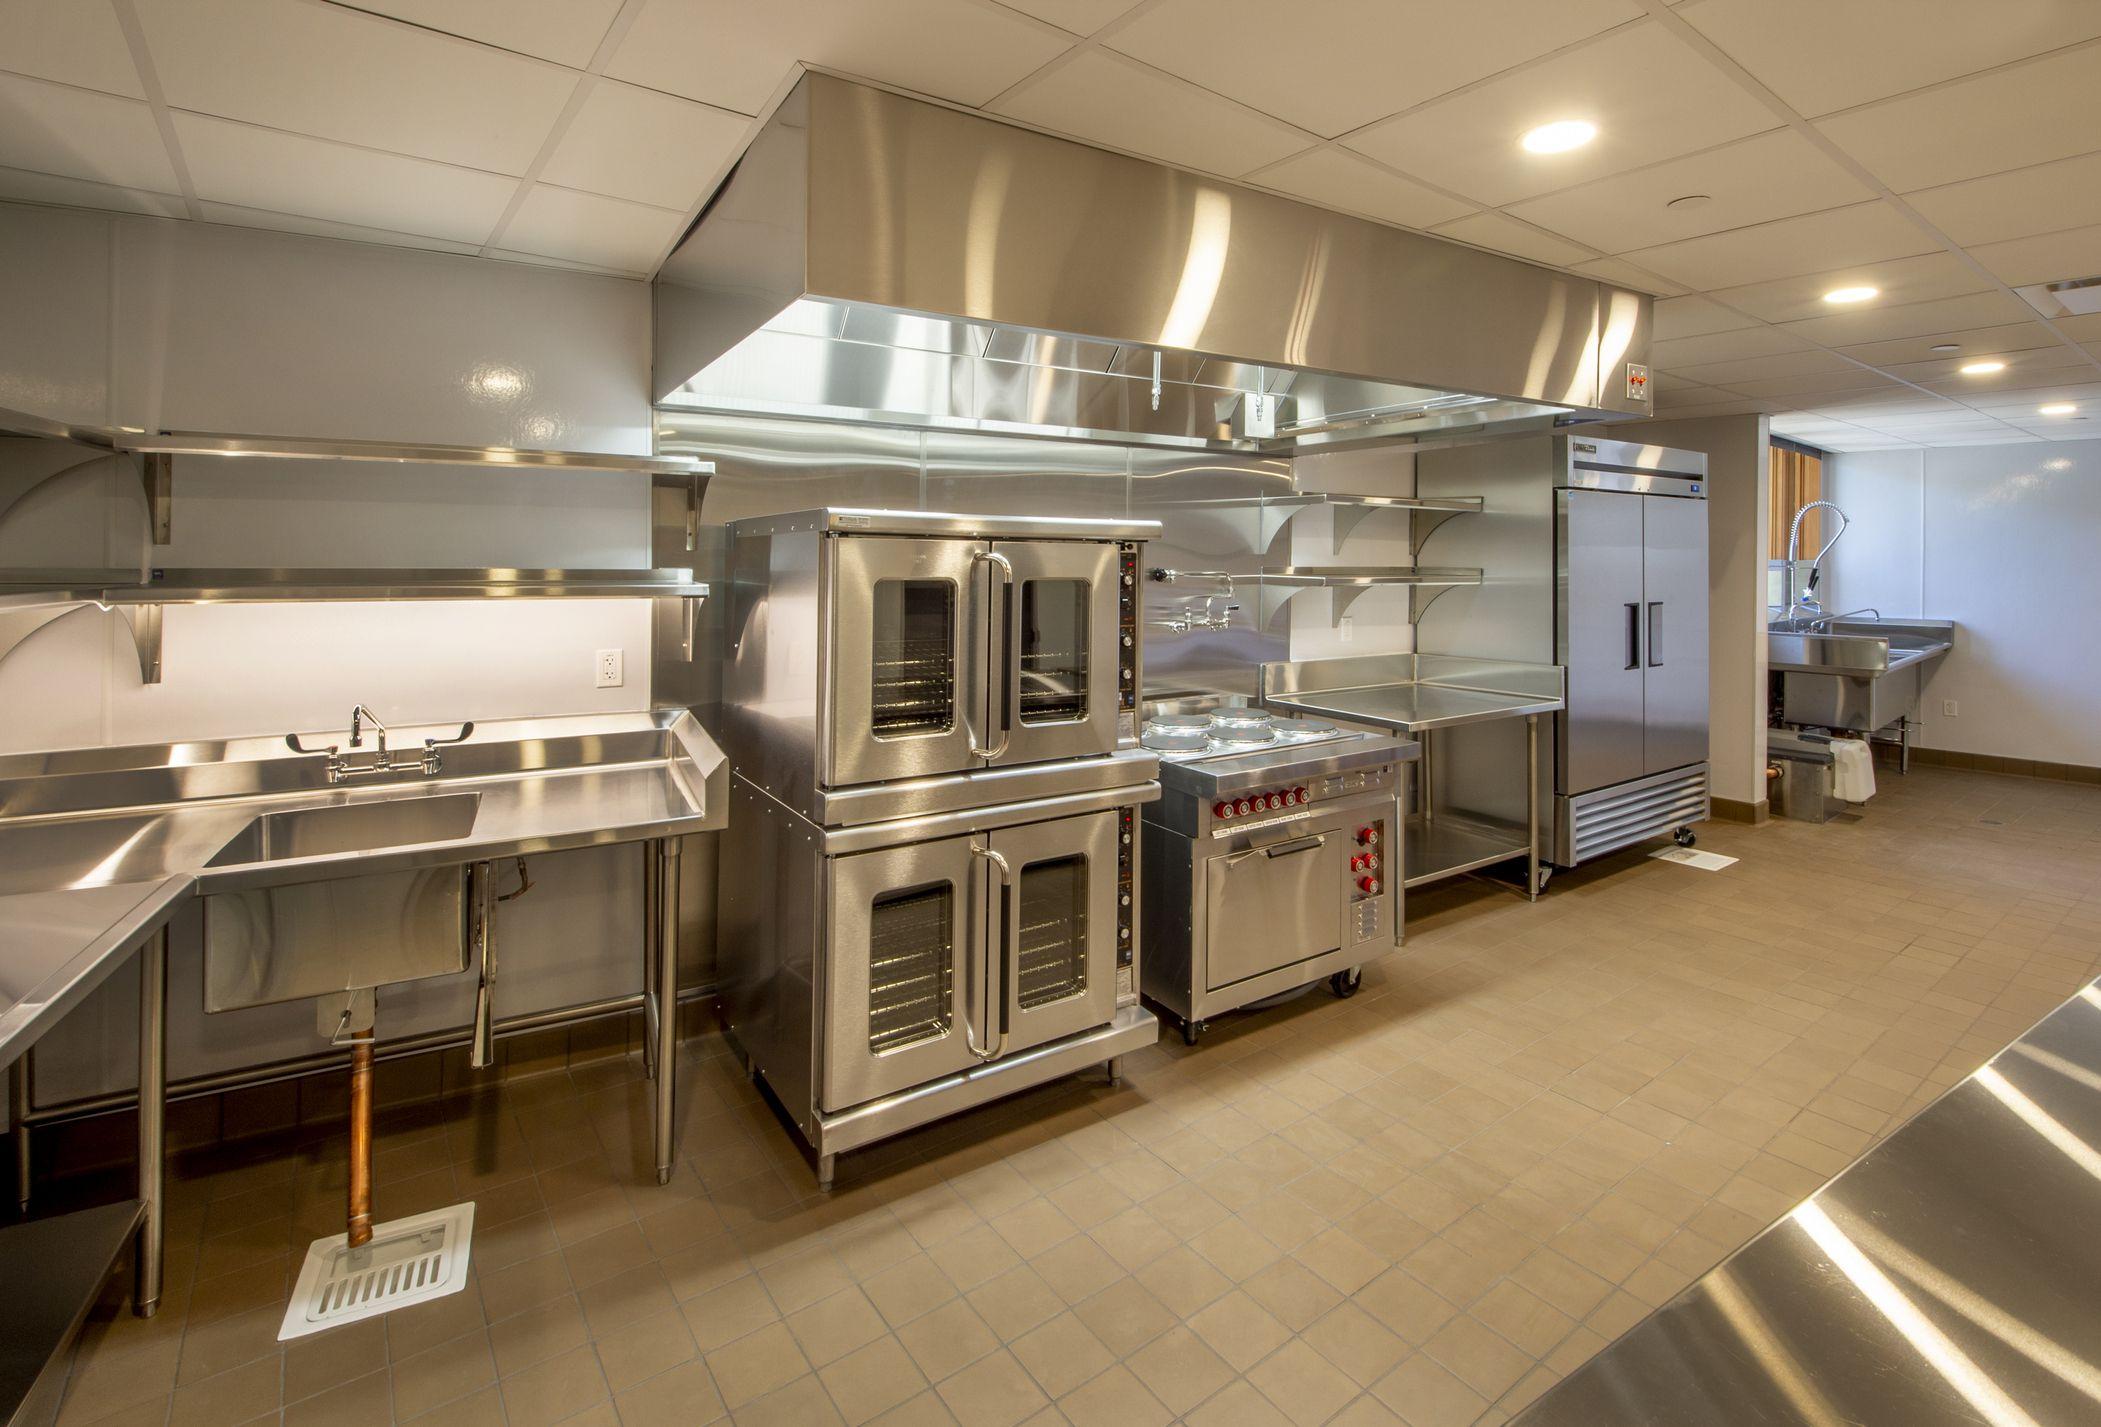 Montaje de mobiliario de acero inoxidable para hostelería en Murcia